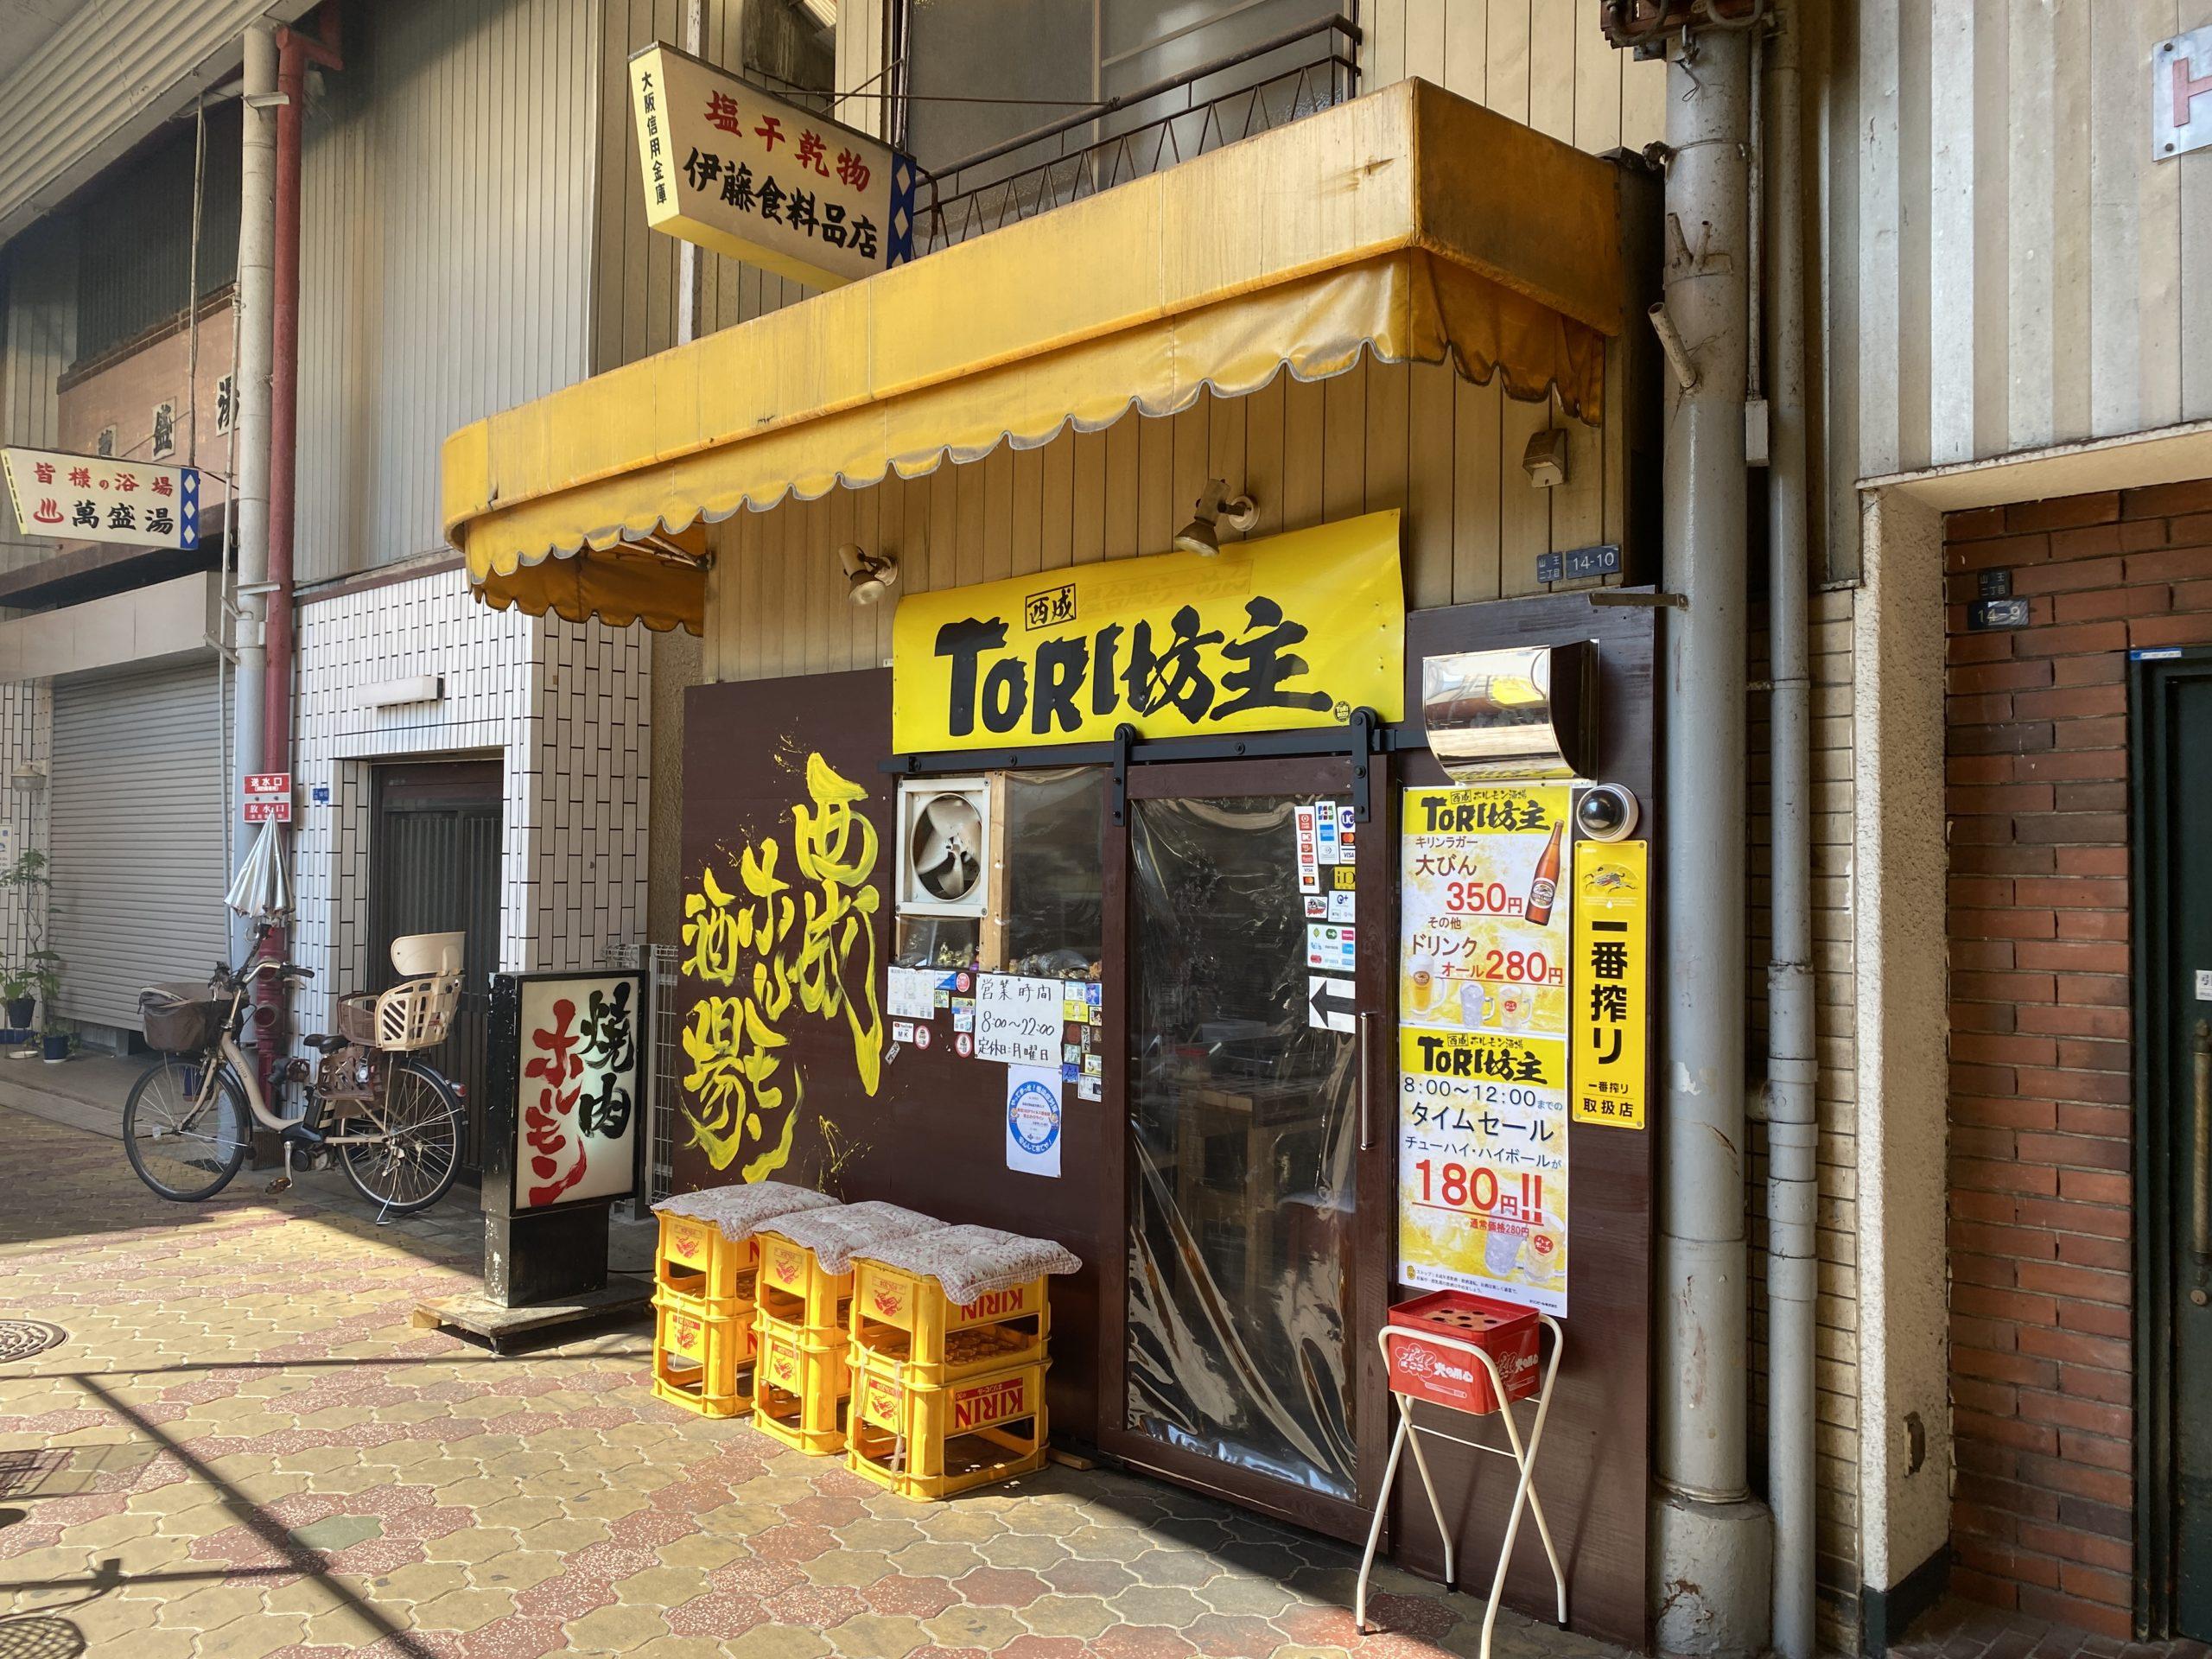 西成ホルモン酒場 ToRi坊主